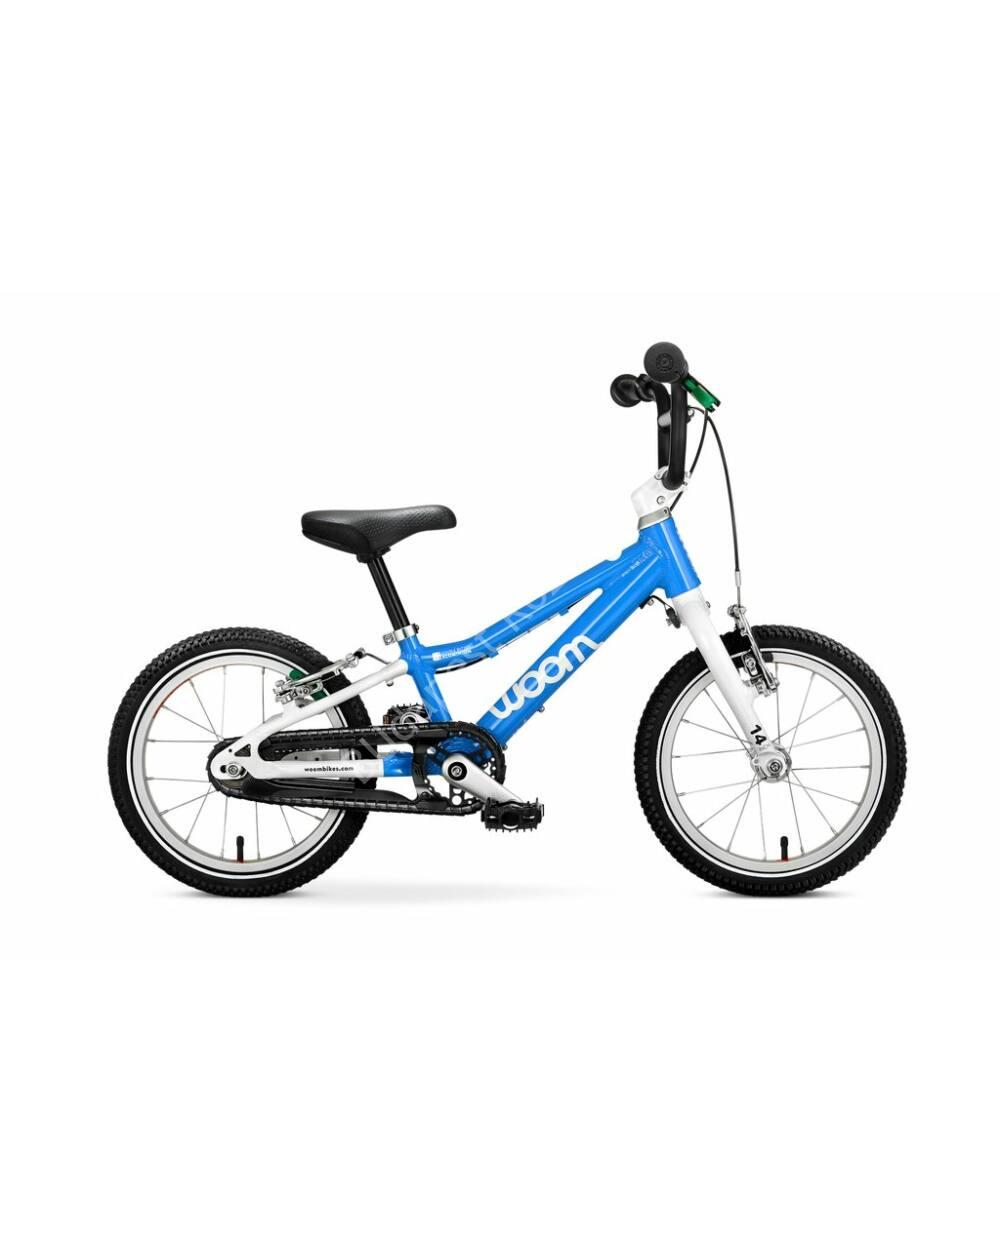 """Woom 2  kék 14"""" gyerek kerékpár, 95-110 cm testmagasság, 5.1 kg"""